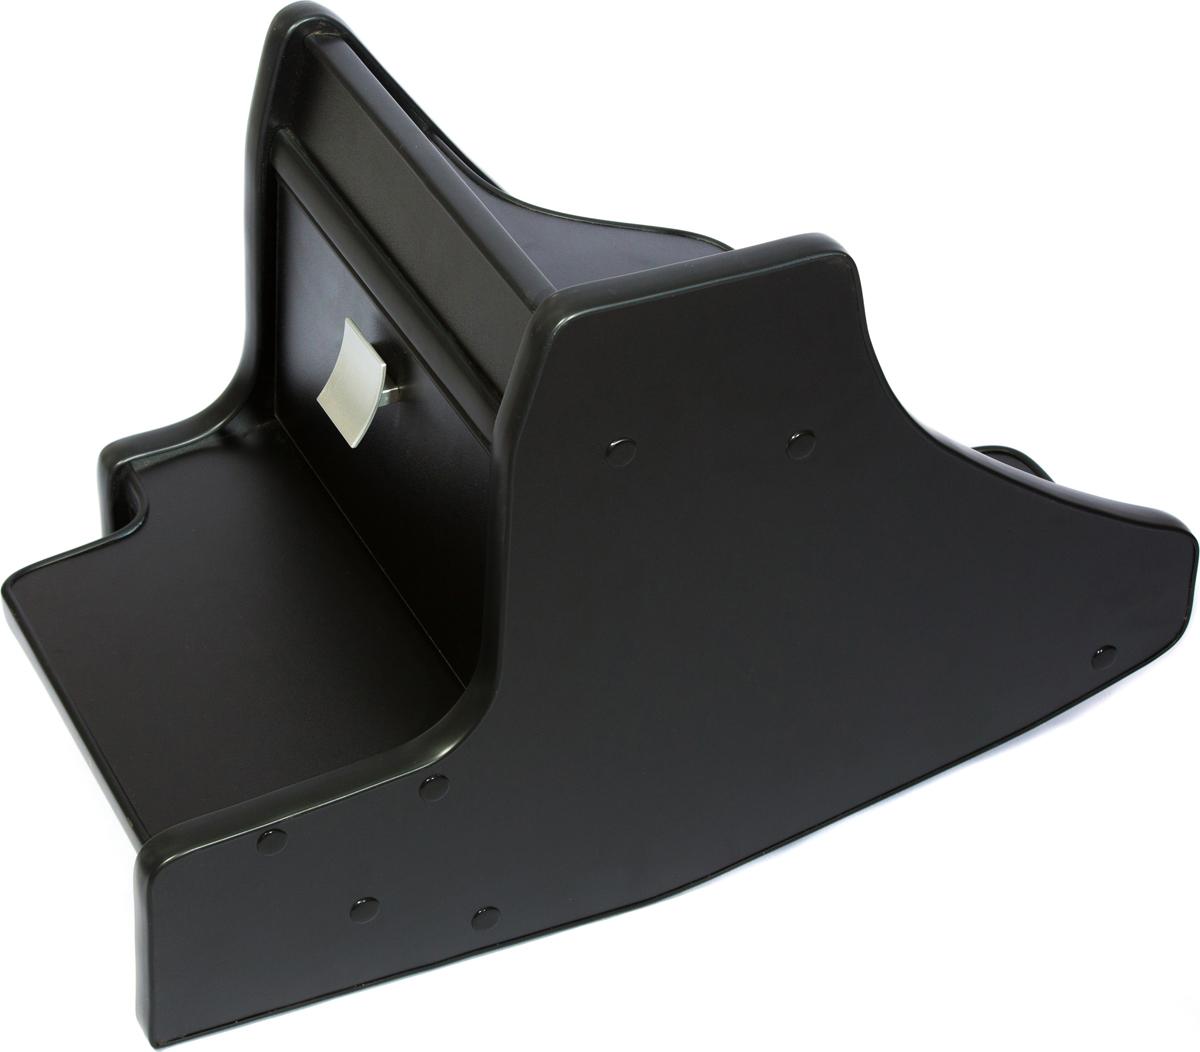 Консоль в авто АвтоБлюз для ГАЗель NEXT, ГР02811, ручка КПП на панели , черный